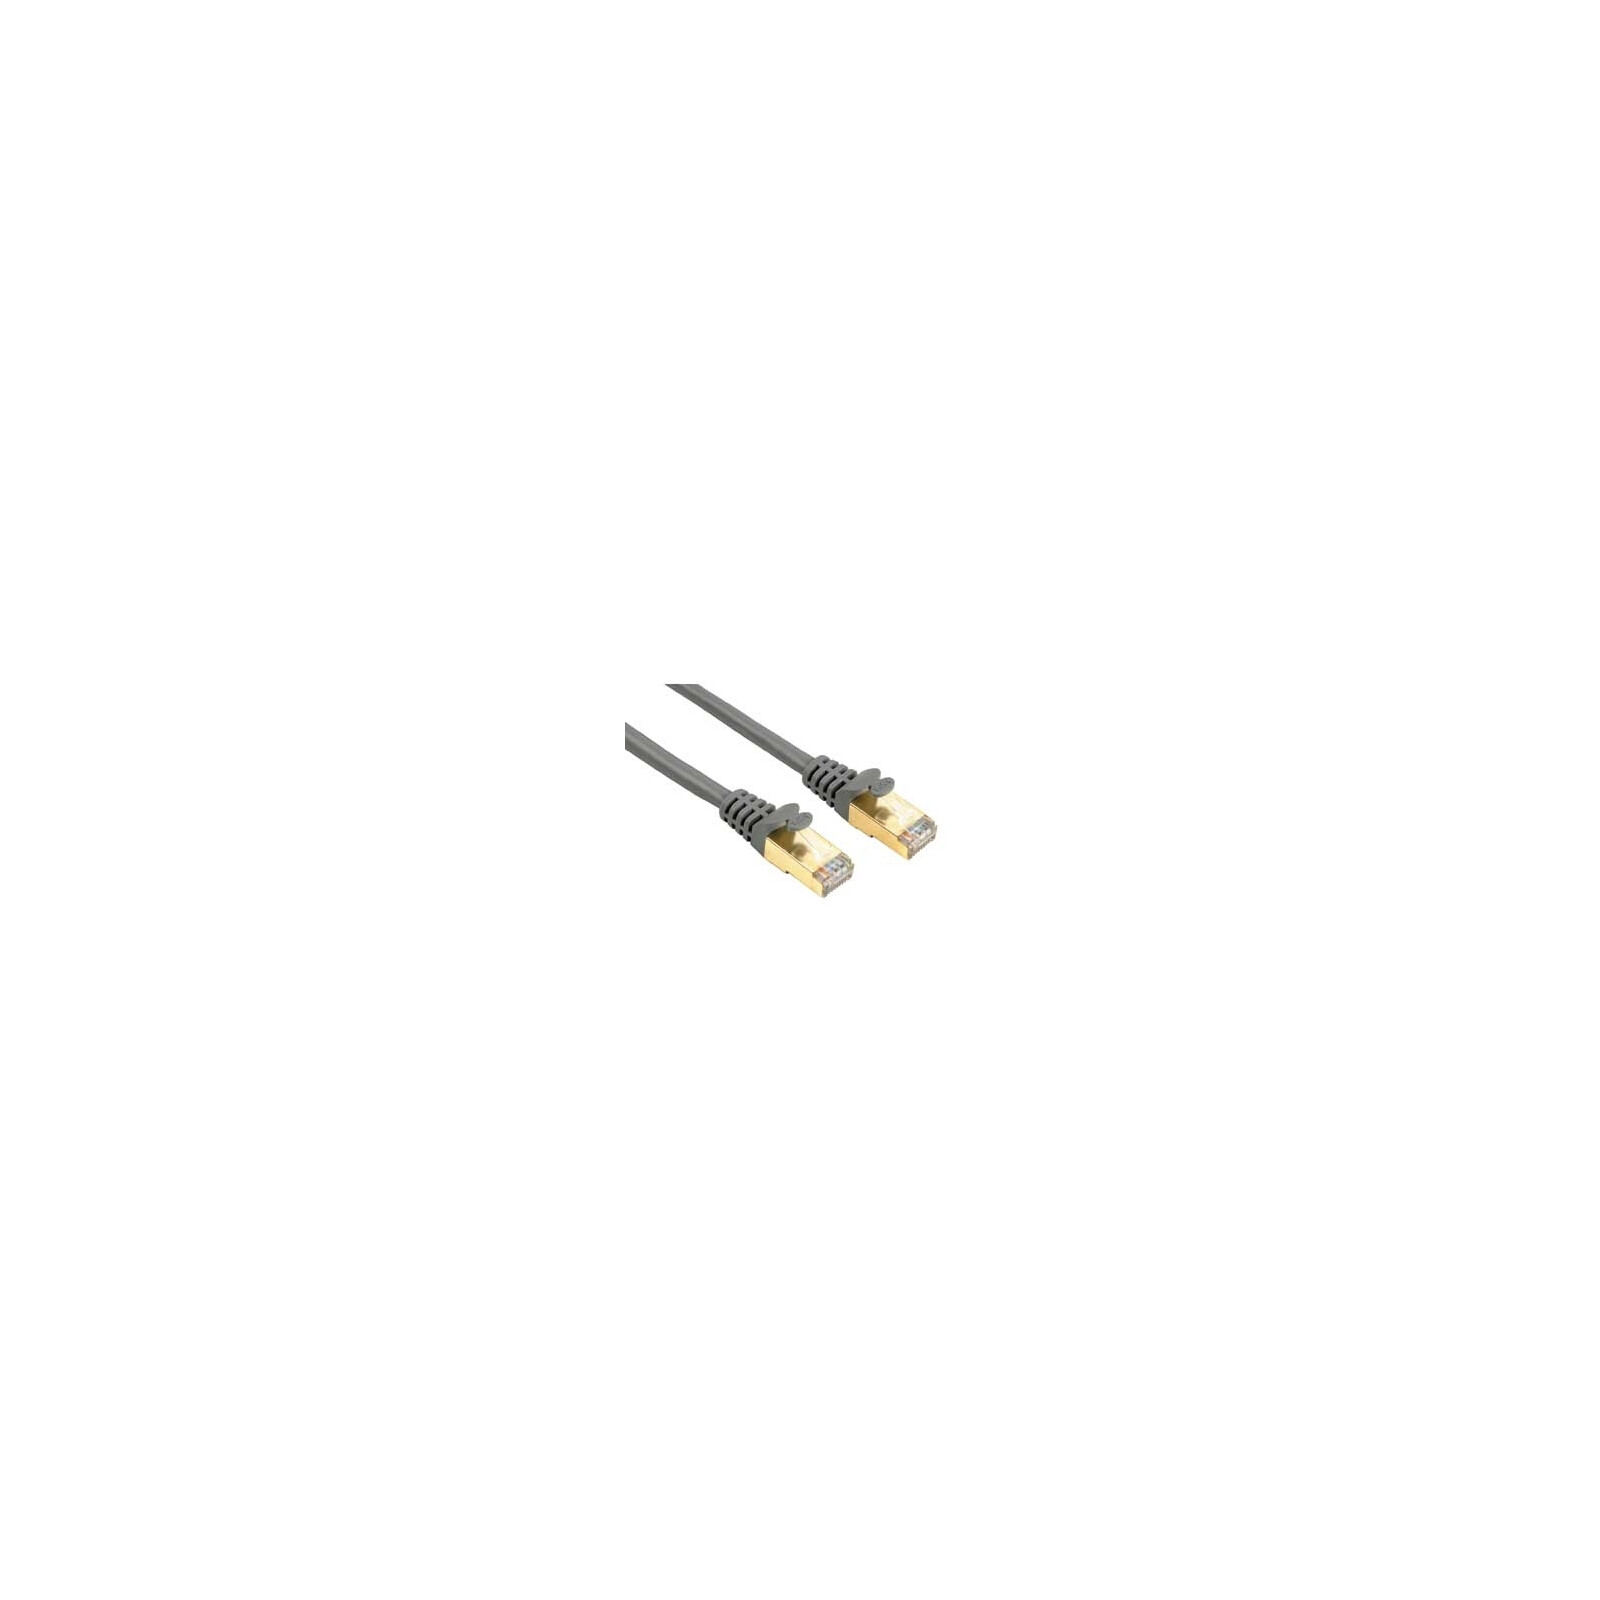 Hama 41895 CAT-5e-Netzwerkkabel STP, vergoldet, geschirmt, G